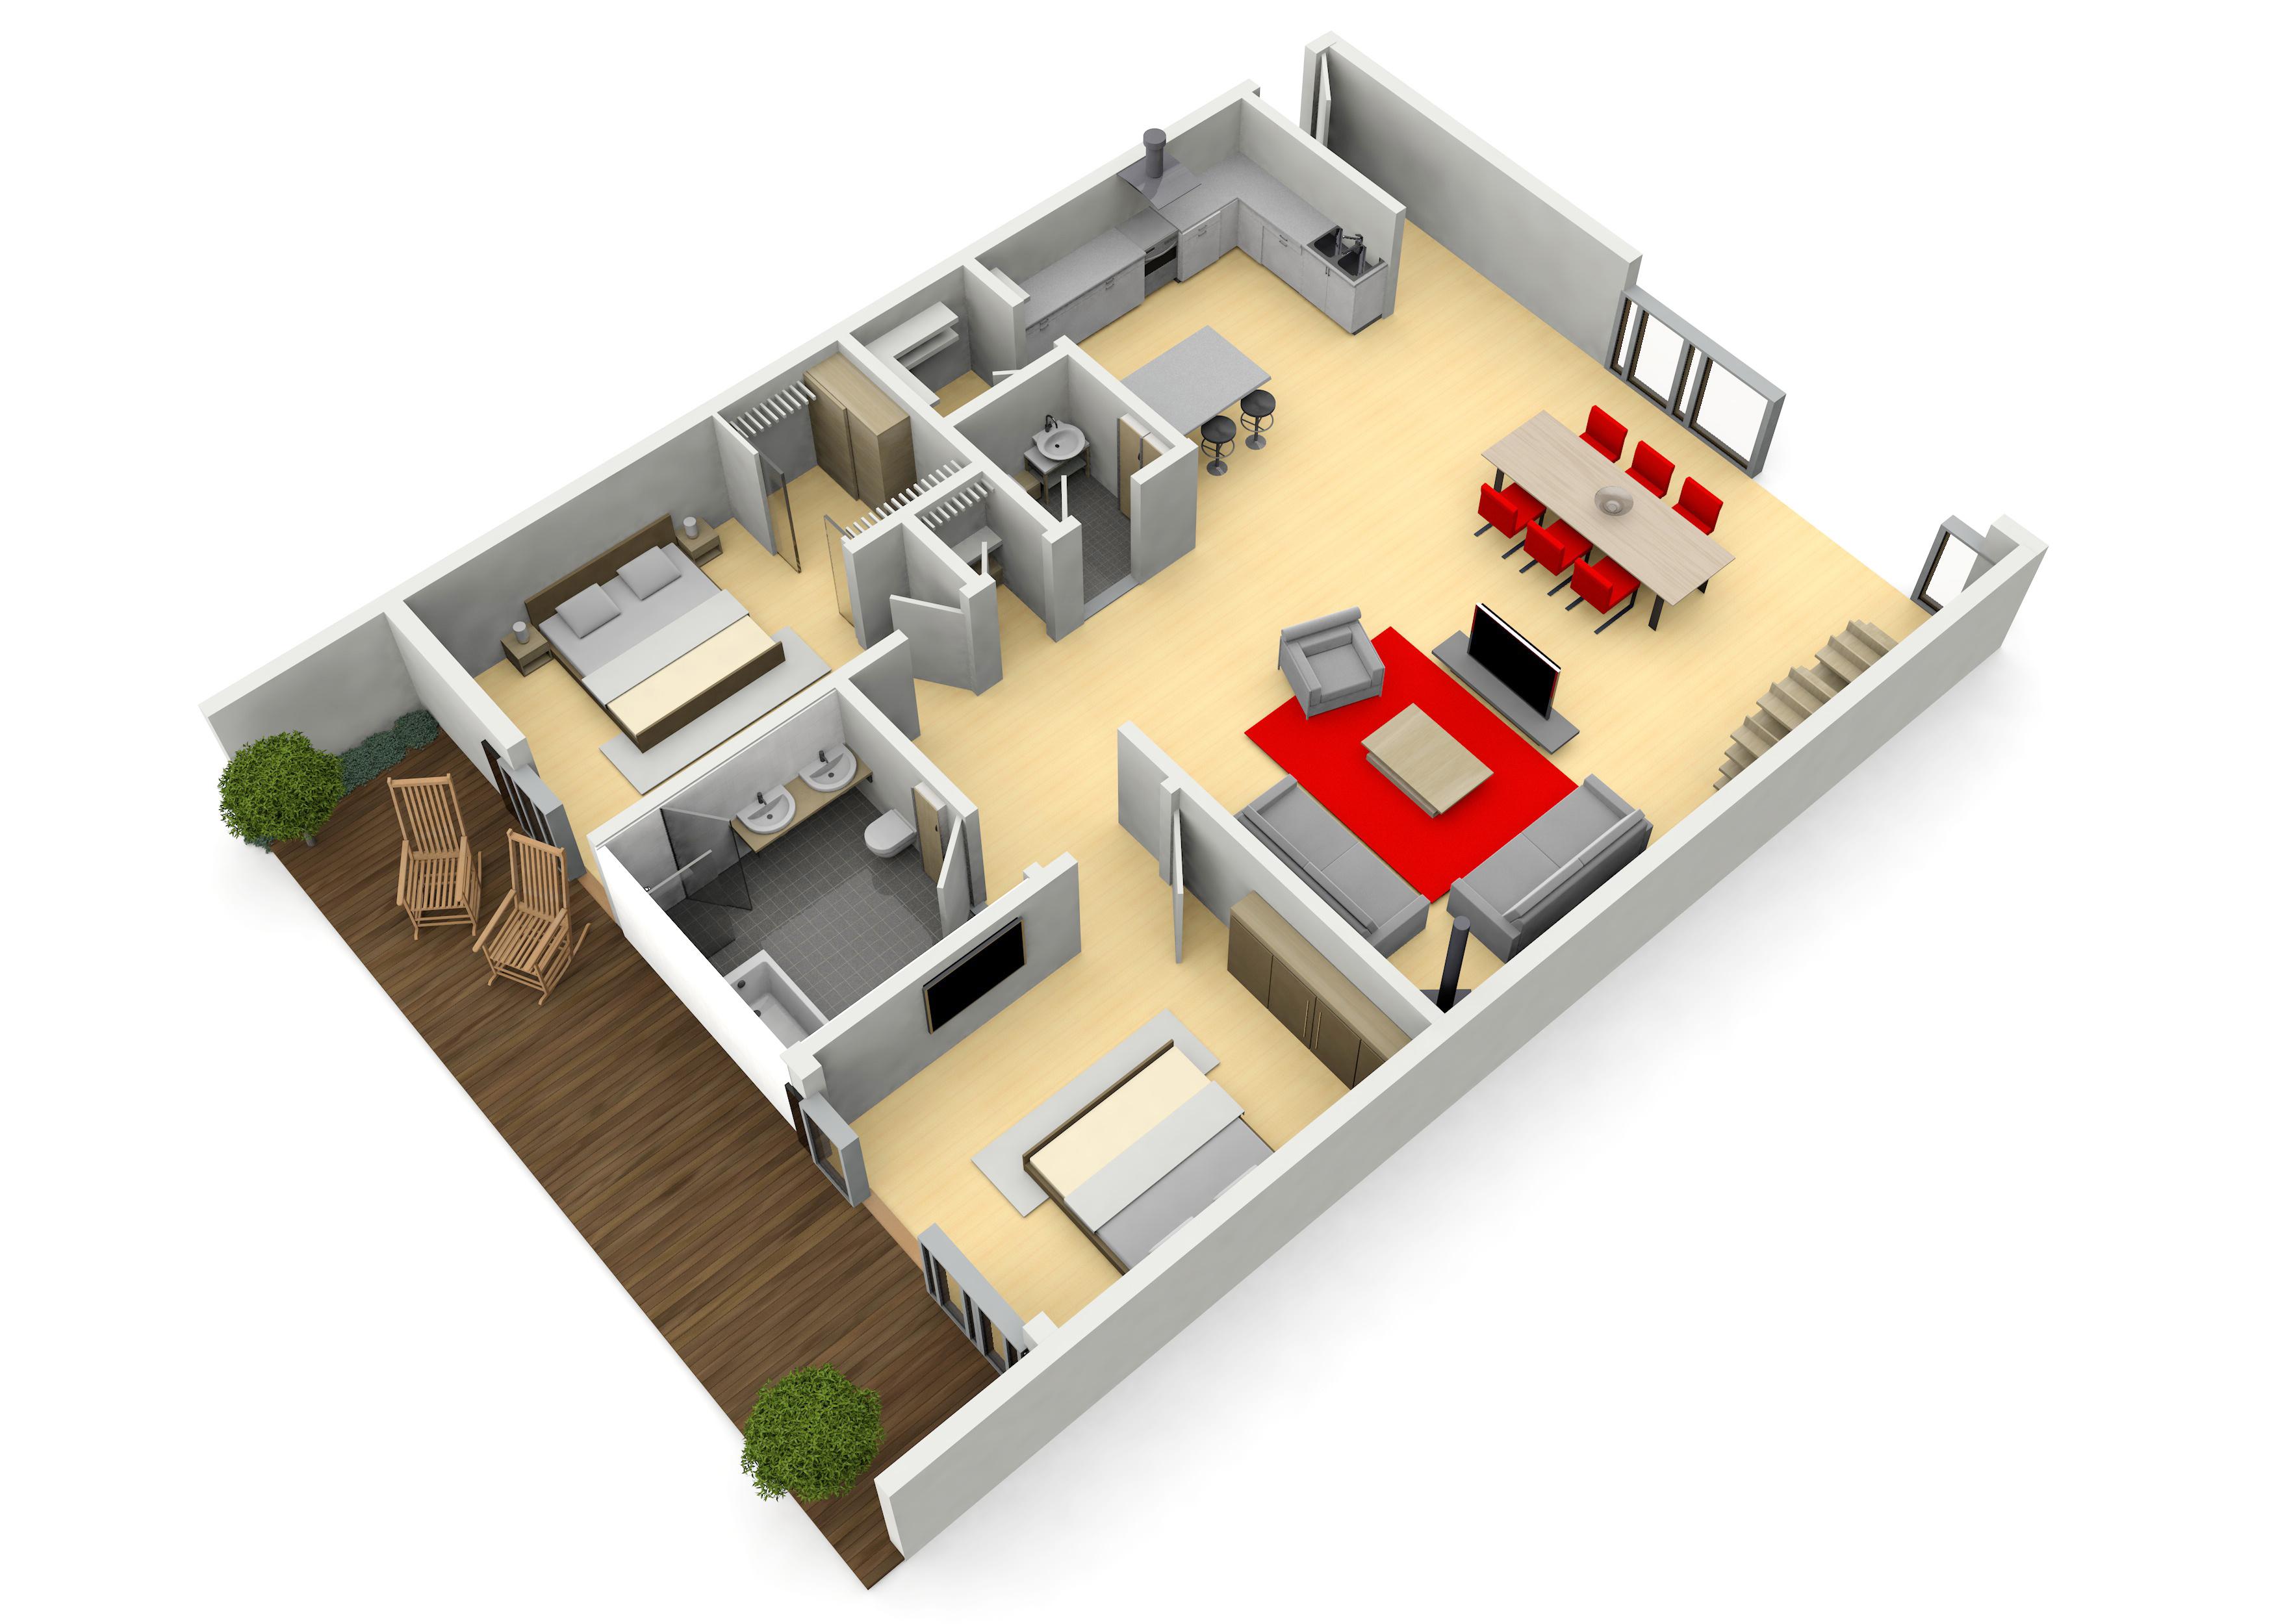 3D-Grundriss einer Wohnung